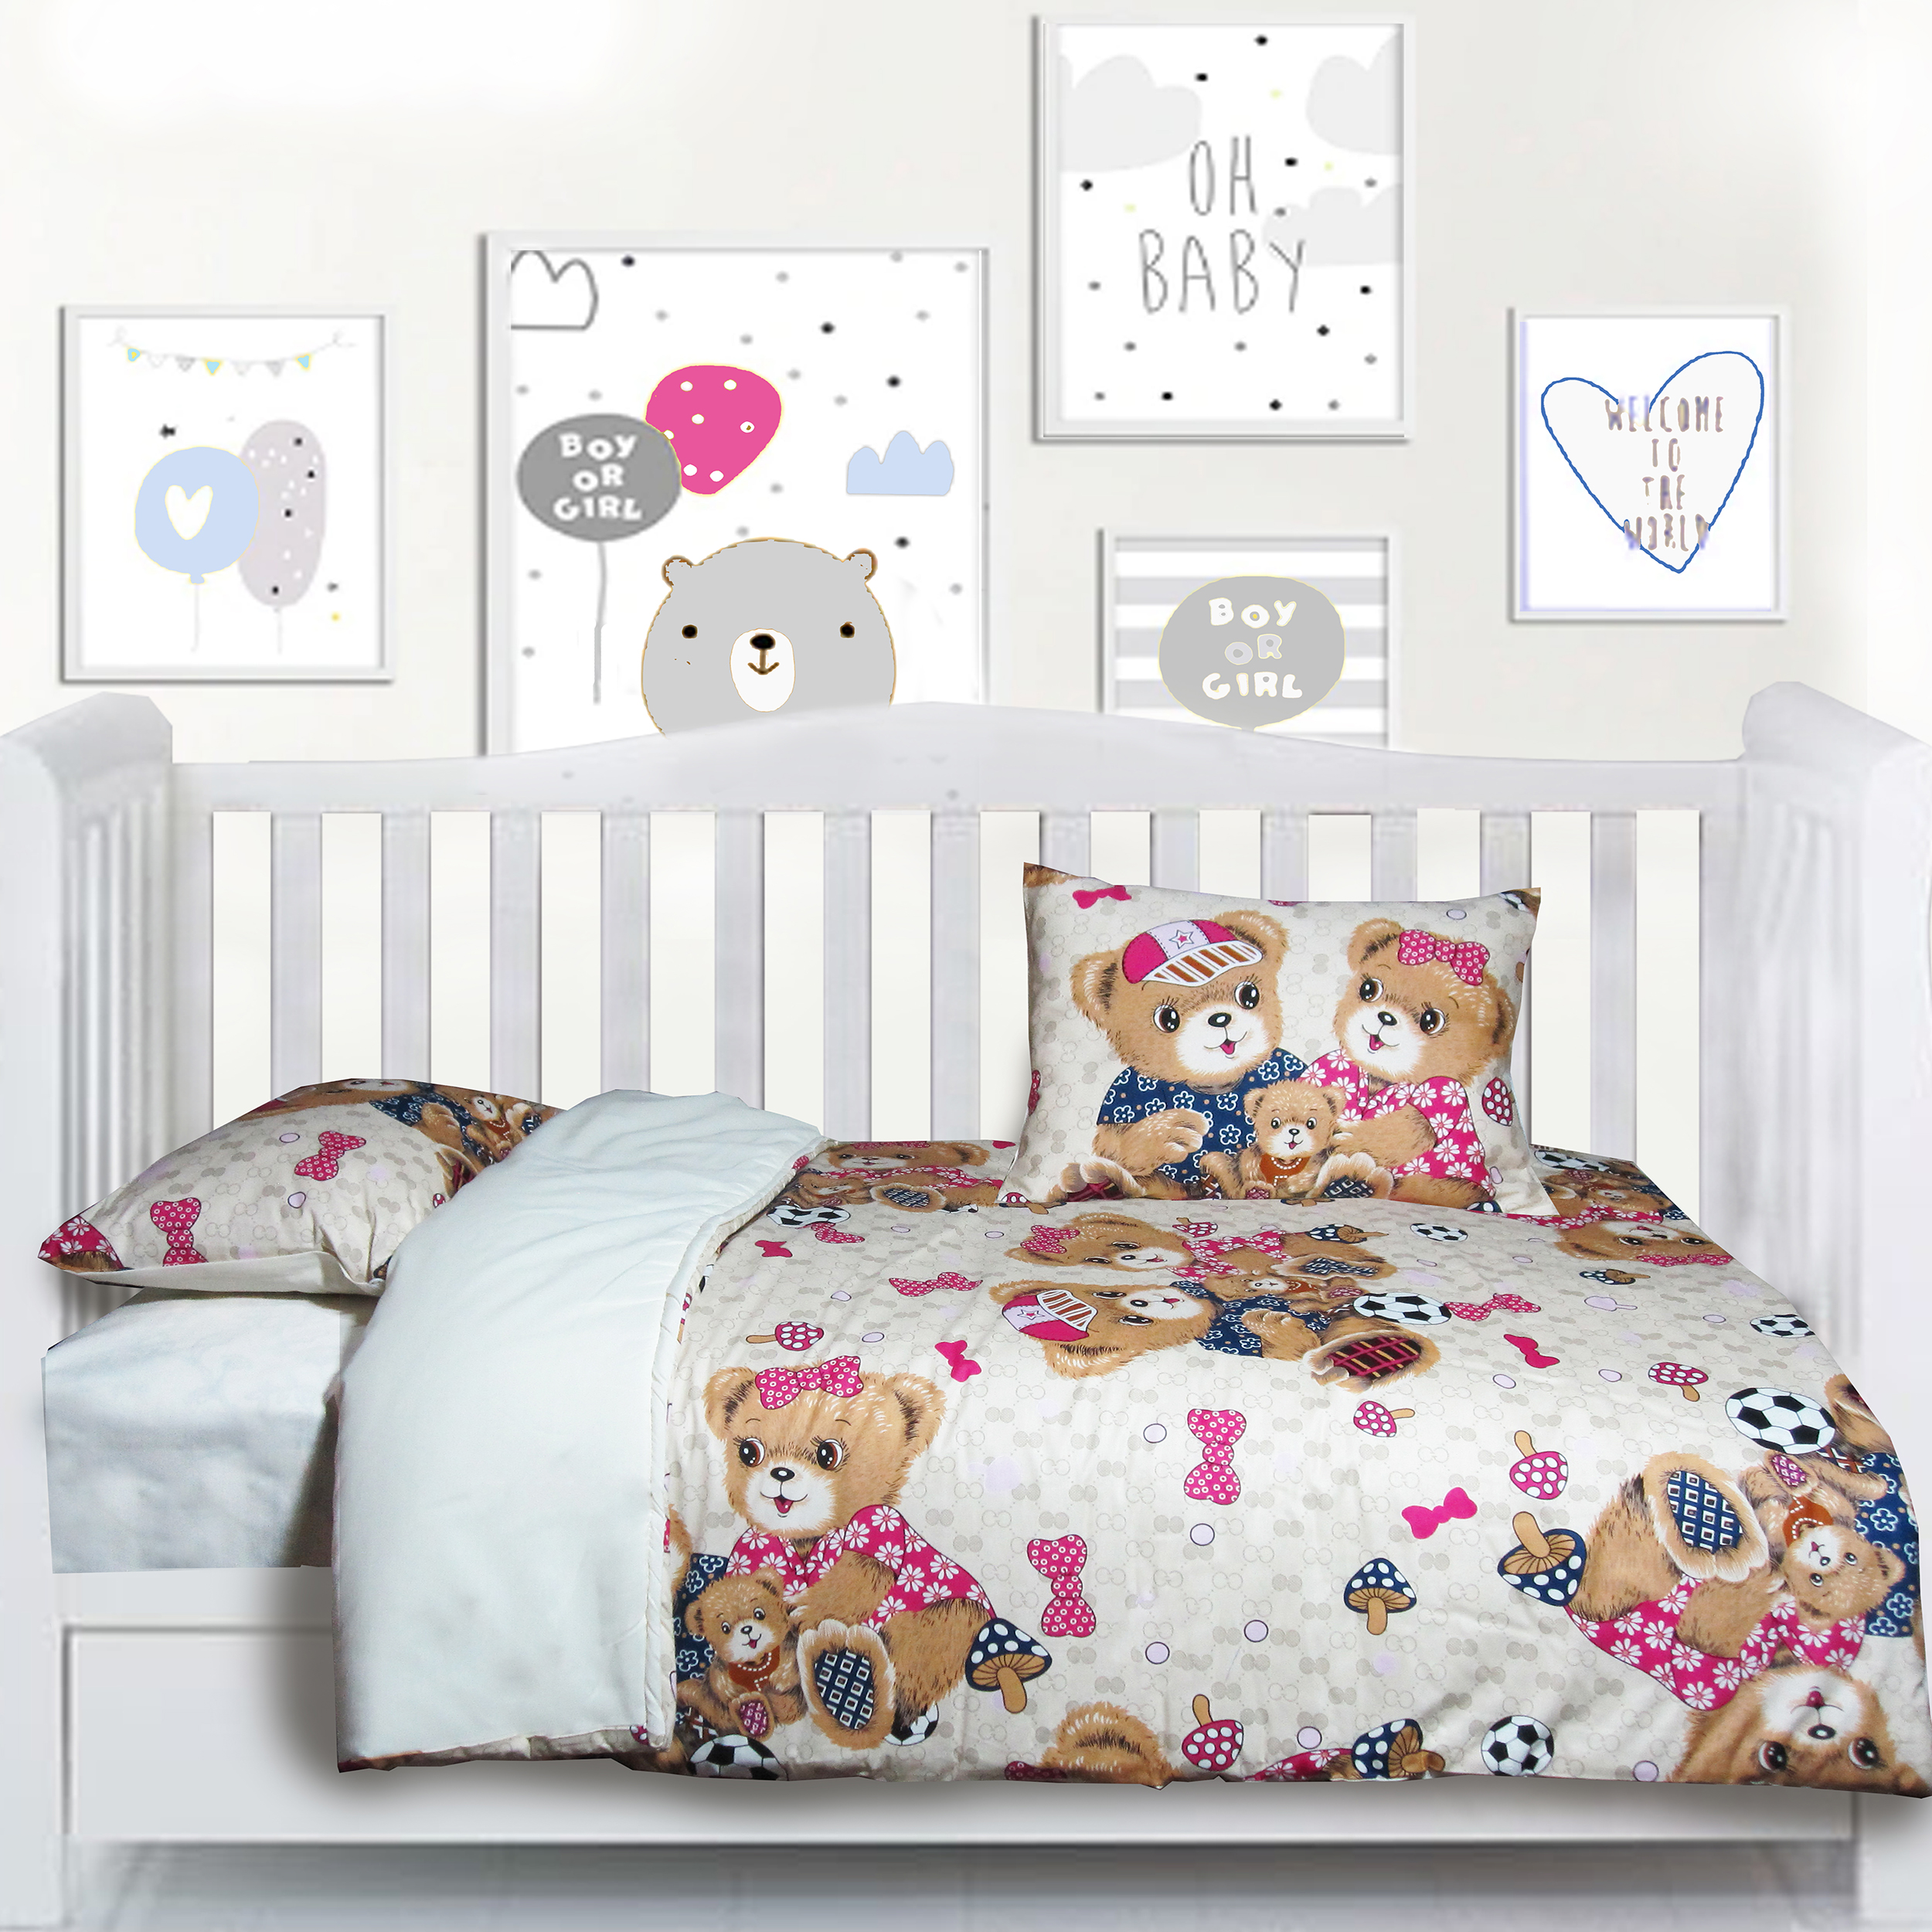 سرویس خواب 5 تکه کودک مدل خرس های مهربون